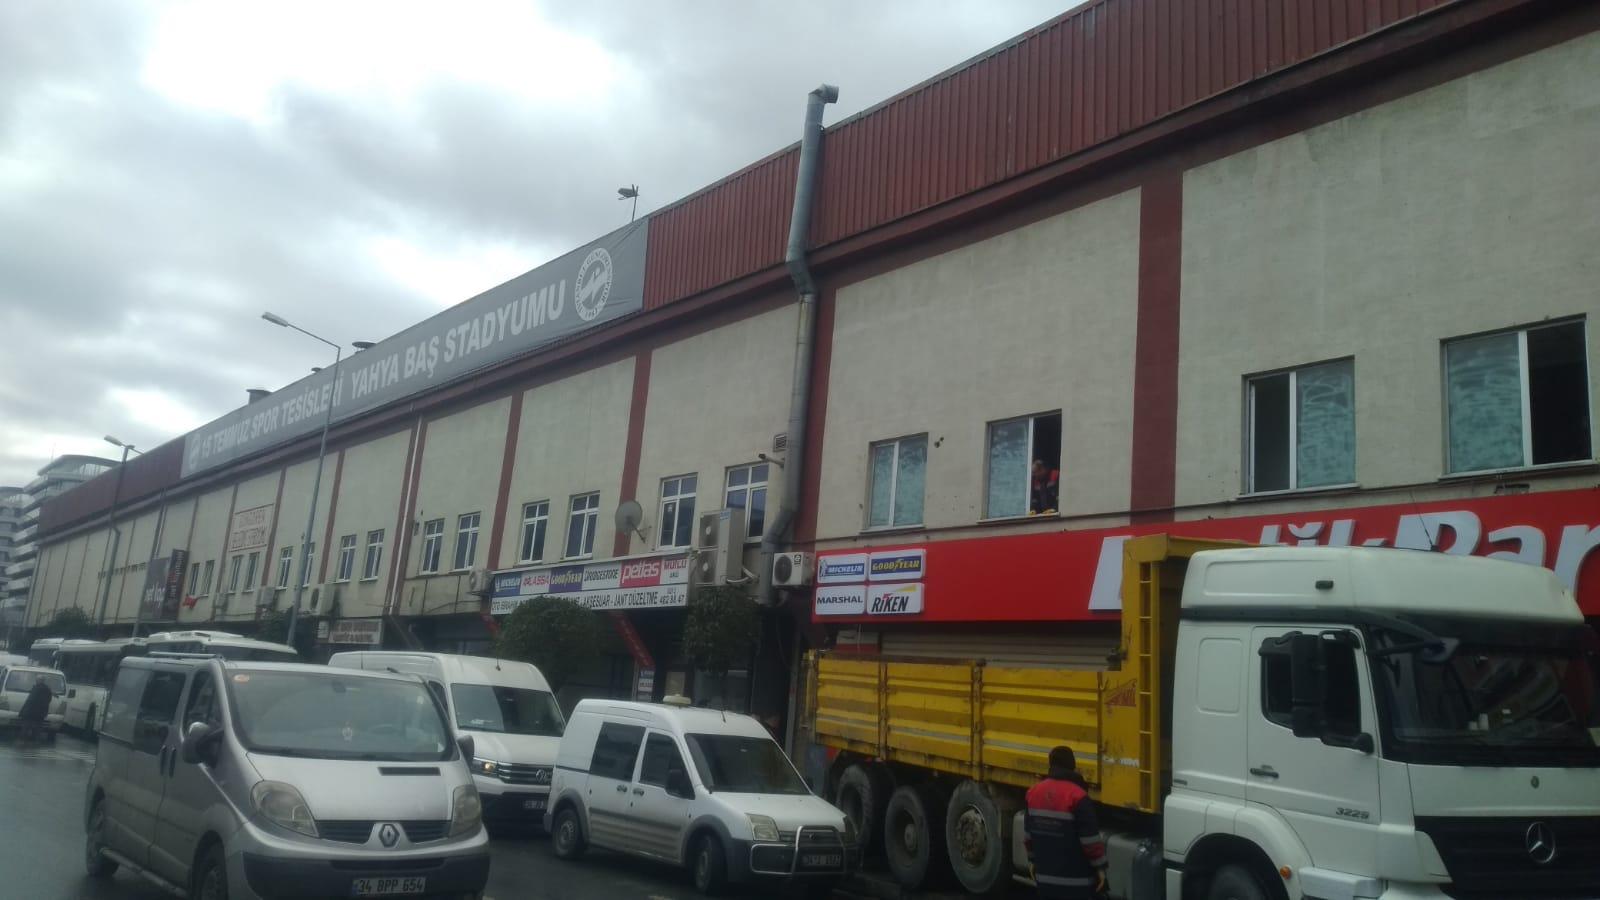 Mimar Yahya baş stadı'nda tahliyeler başladı